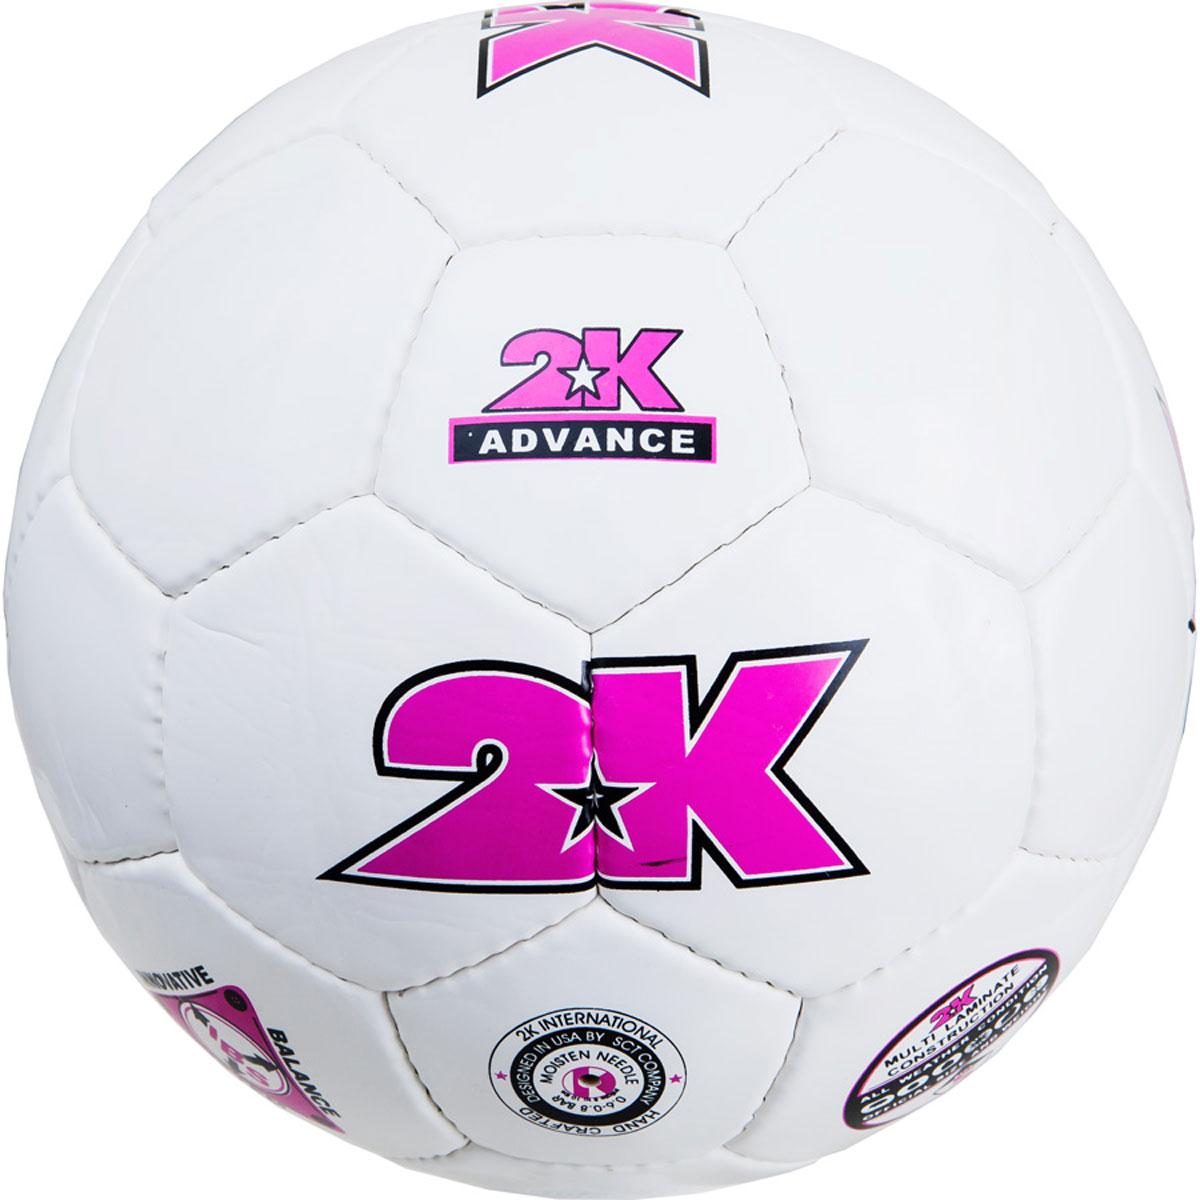 Мяч футбольный 2K Sport Advance, цвет: белый, фиолетовый. Размер 3127048Любительский футбольный мяч 2K Sport Advance изготовлен из полиуретана. Бесшовная камера выполнена из натурального латекса. Сшивка производилась вручную. Швы проклеены для герметизации.